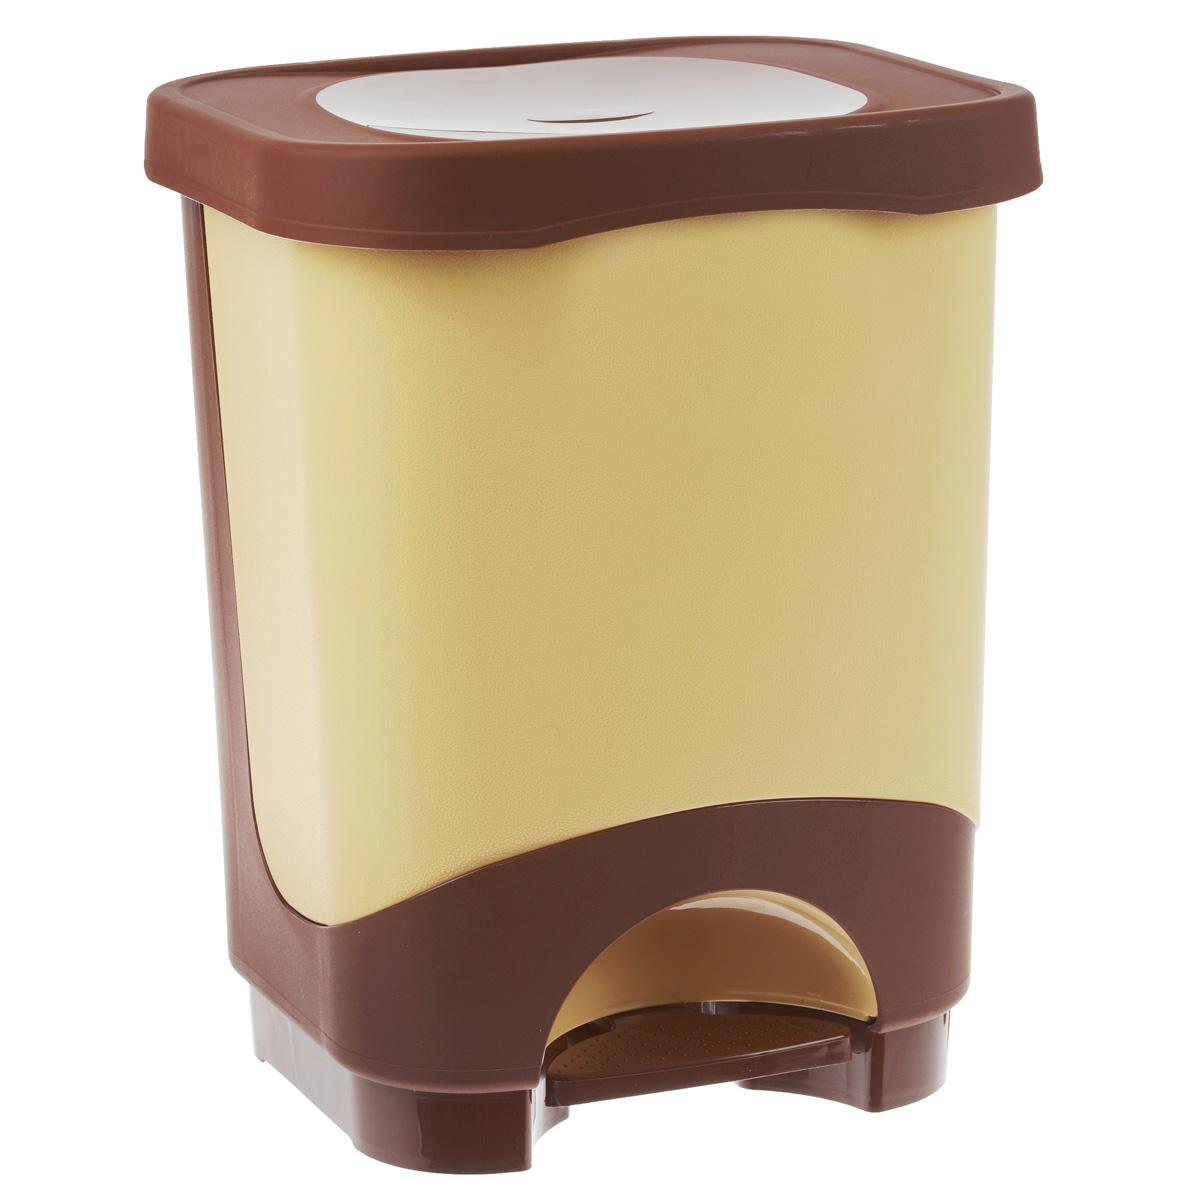 Мусорное ведро Эльфпласт Бинго, с педалью, цвет: бежевый, коричневый, 18 л203Мусорное ведро Эльфпласт Бинго изготовлено из прочного пластика. Ведро оснащено съемным контейнером, что позволит удобно выносить мусор и поддерживать чистоту. С помощью специальной педали не нужно открывать крышку руками, она поднимается сама. Ведро компактное, практичное и функциональное. Идеальный вариант для любых помещений: ванны, кухни, туалета.